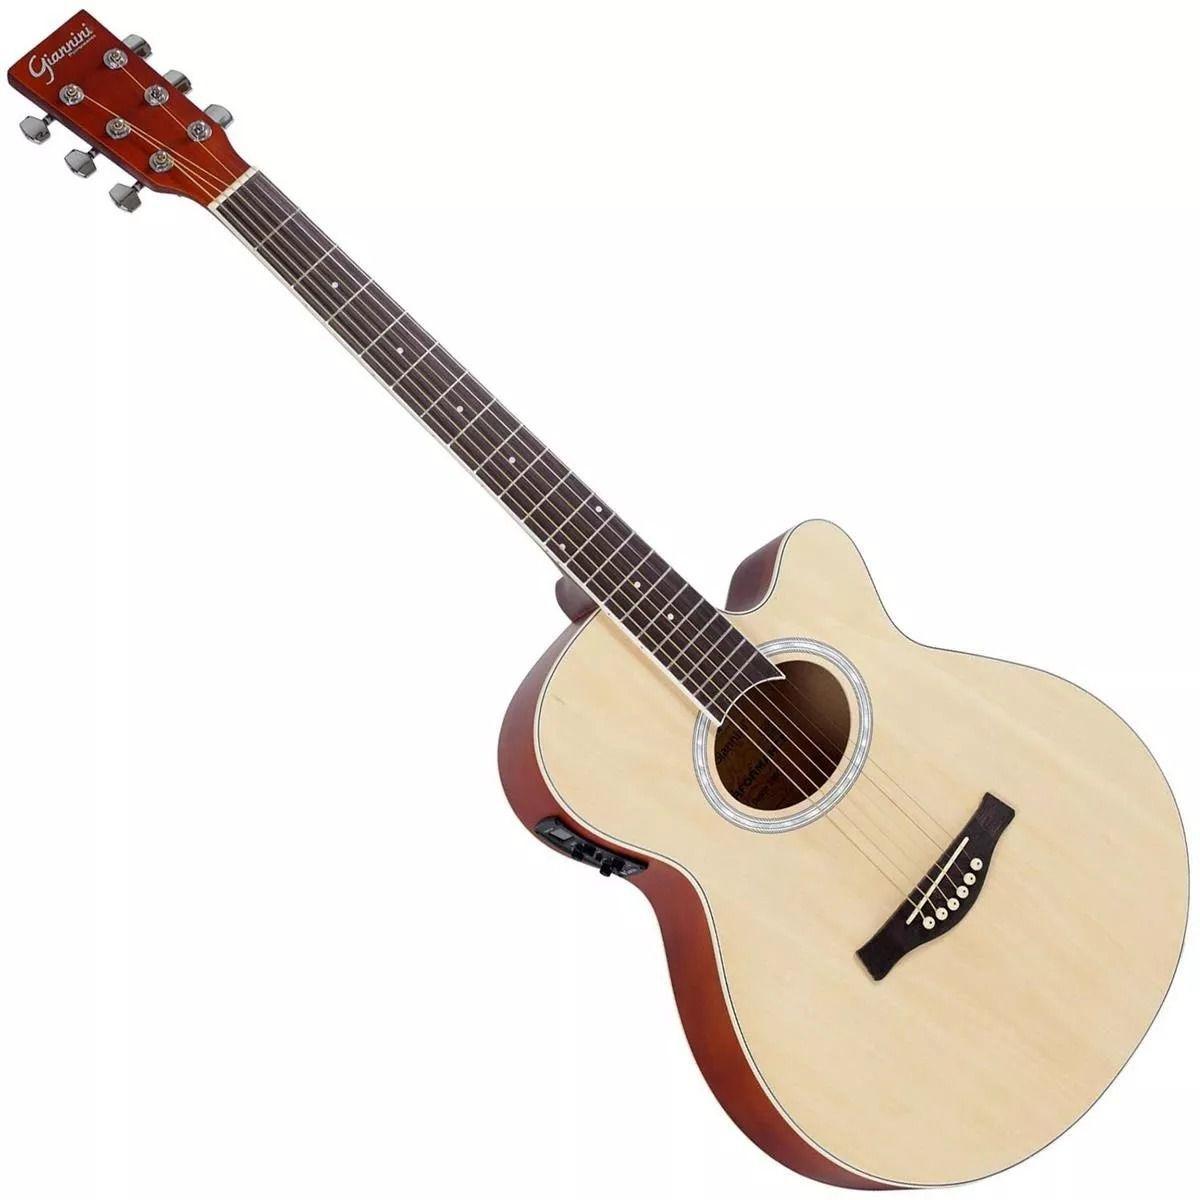 Violao Giannini Gsf-1D Ceqng Aço Natural  - Luggi Instrumentos Musicais